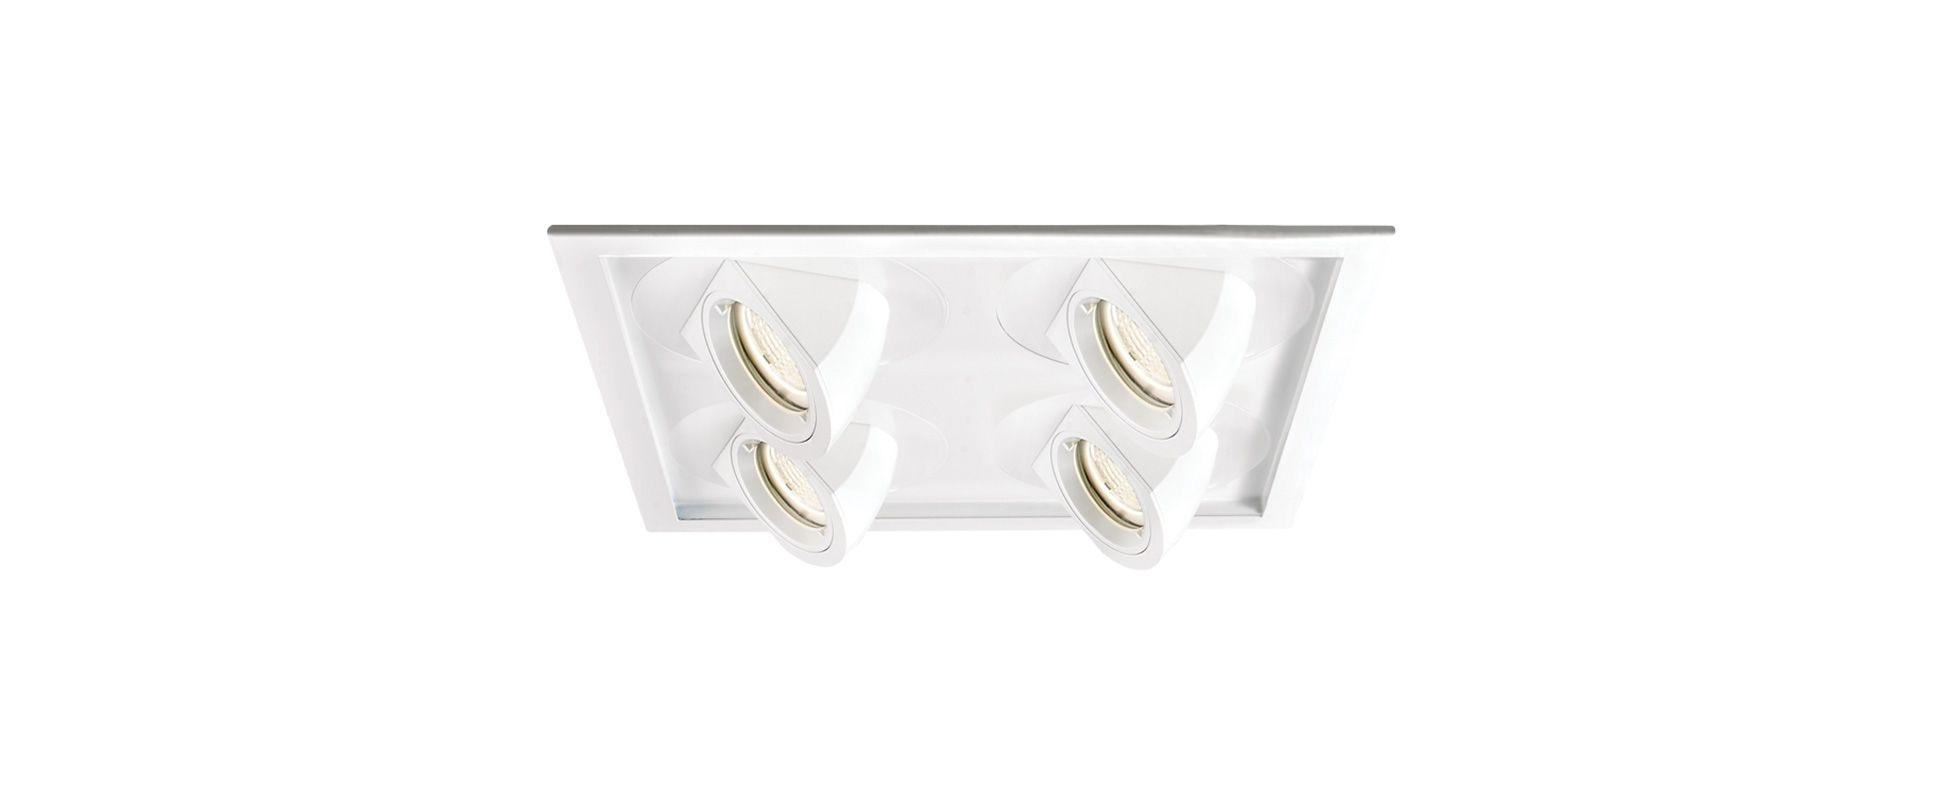 WAC Lighting MT-5LD445T-S40 Multiple Spot 4000K High Output LED Sale $432.00 ITEM: bci2426976 ID#:MT-5LD445T-S40-WT UPC: 790576278827 :